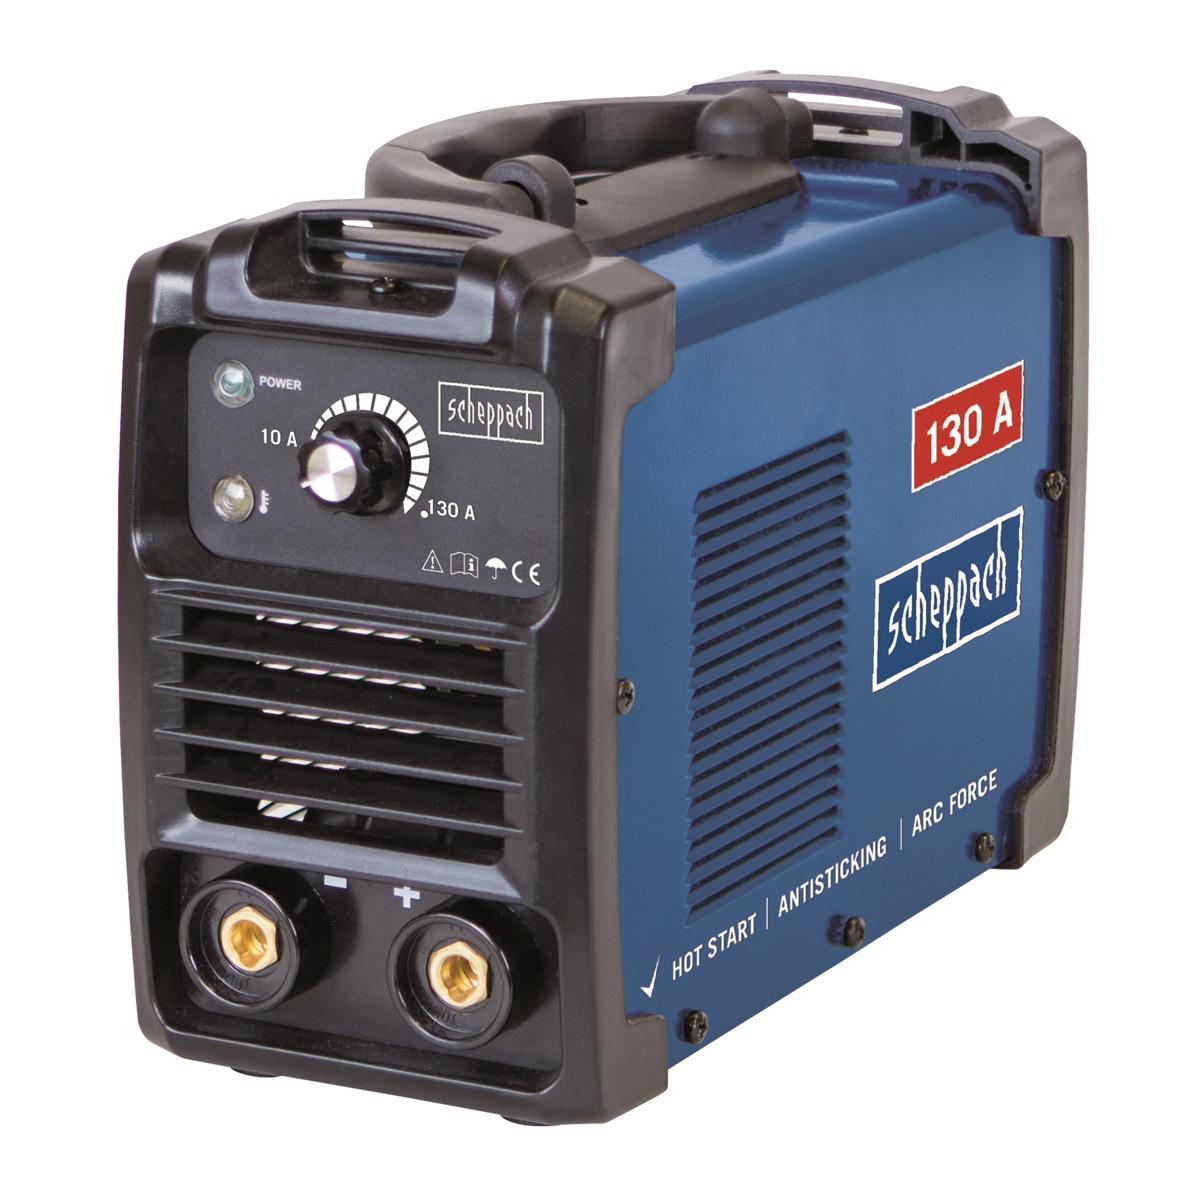 Scheppach WSE1000, svářecí invertor 130 A s příslušenstvím